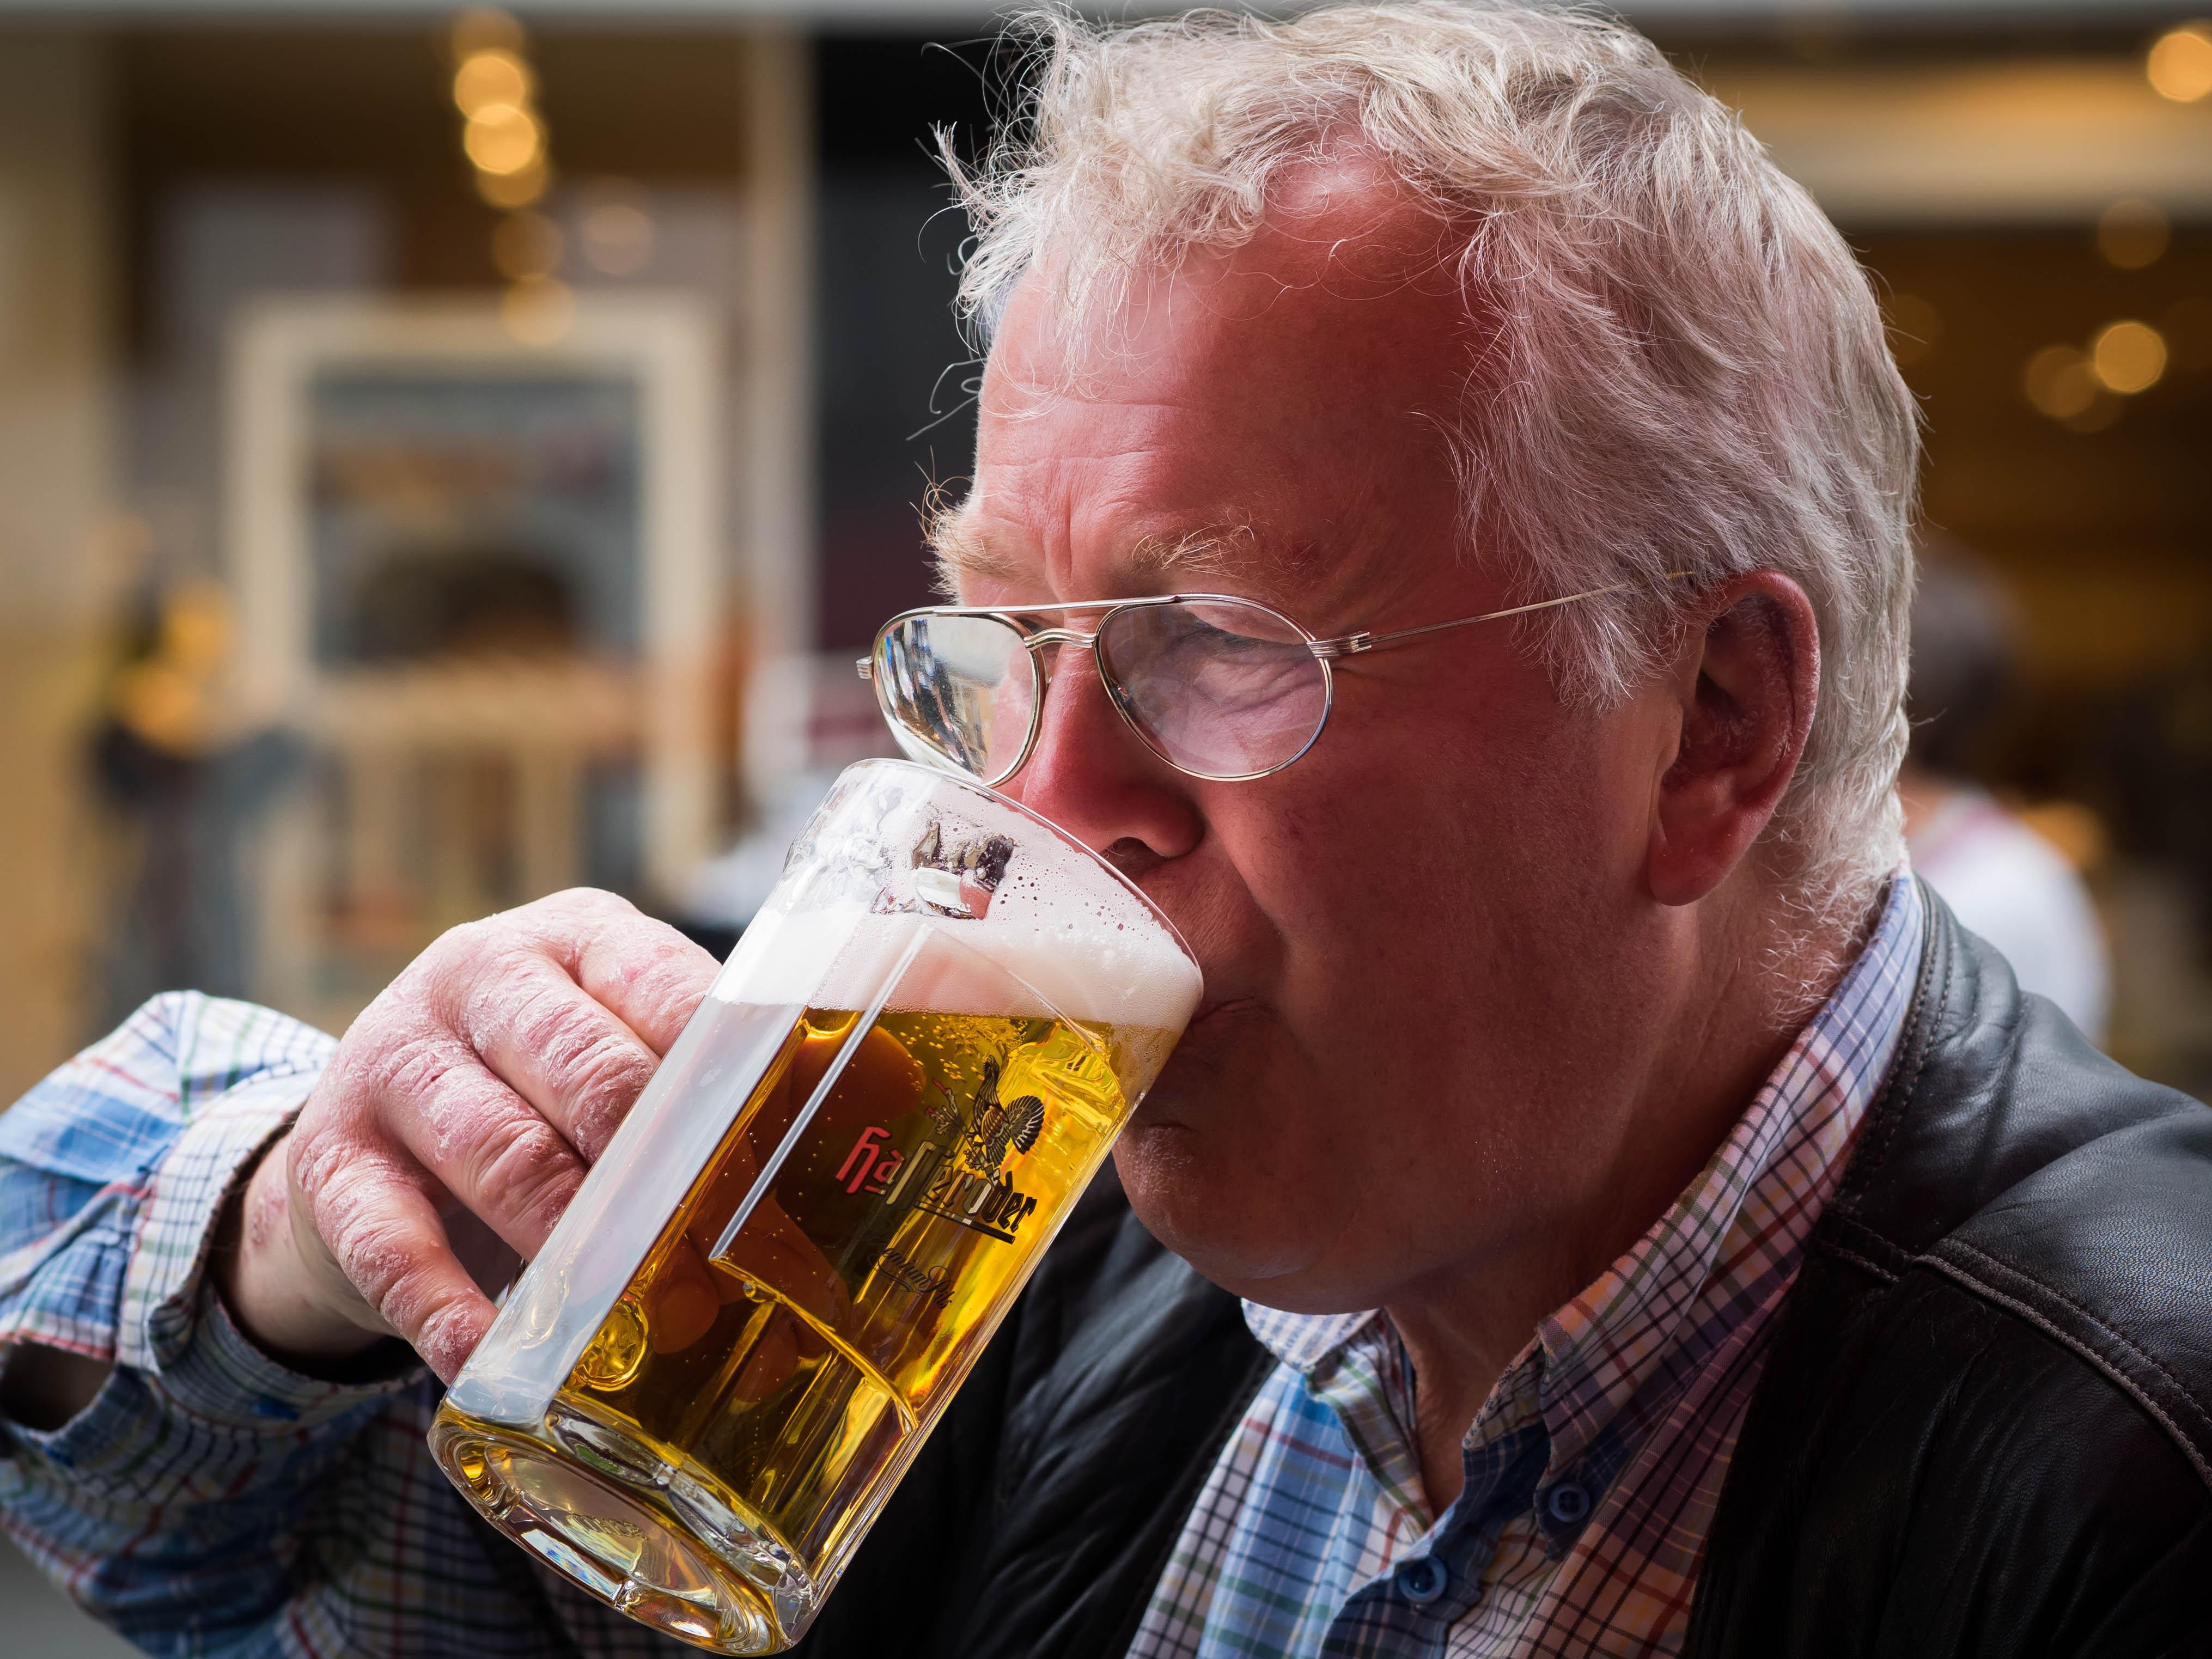 Hình nền : Chân dung, đường phố, kính, nước Đức, bia, rượu, Olympus, vui vẻ, Rostock, Uống, Omd, Hình ảnh du lịch, nếm thử, Chăm sóc thị giác, Đồ uống chưng ...